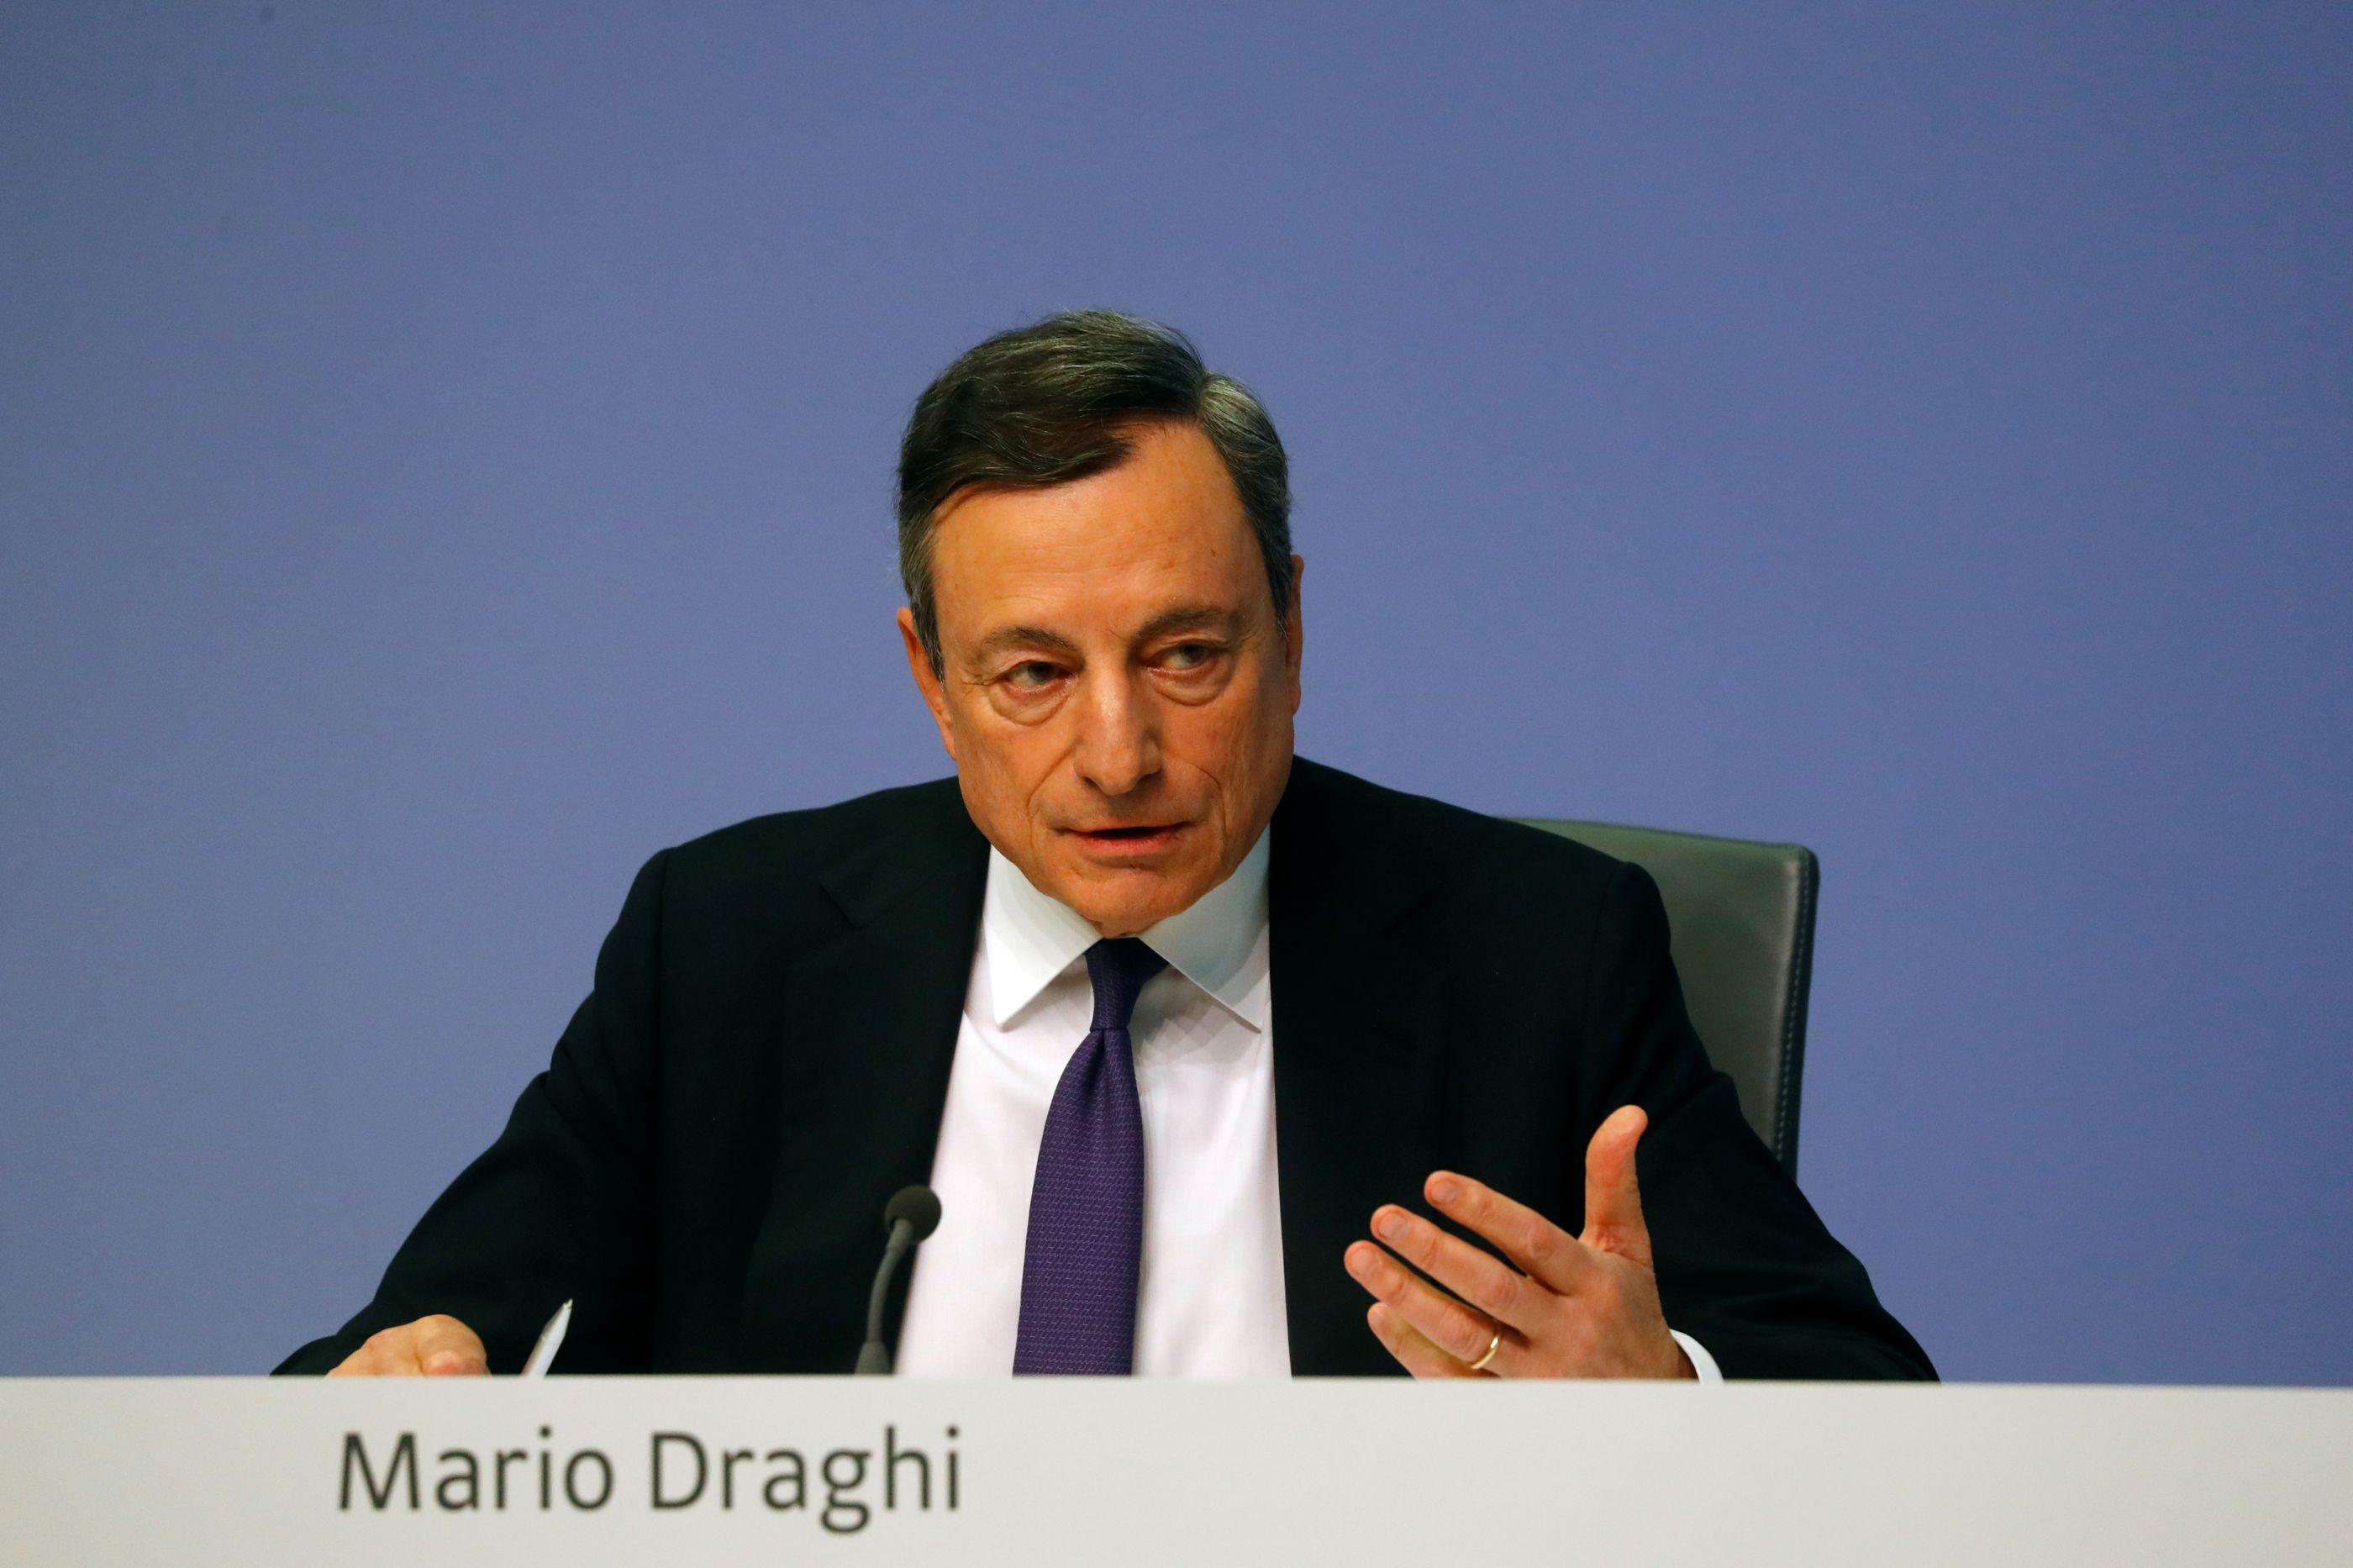 Draghi avisa sobre os riscos globais que ameaçam a economia da zona euro